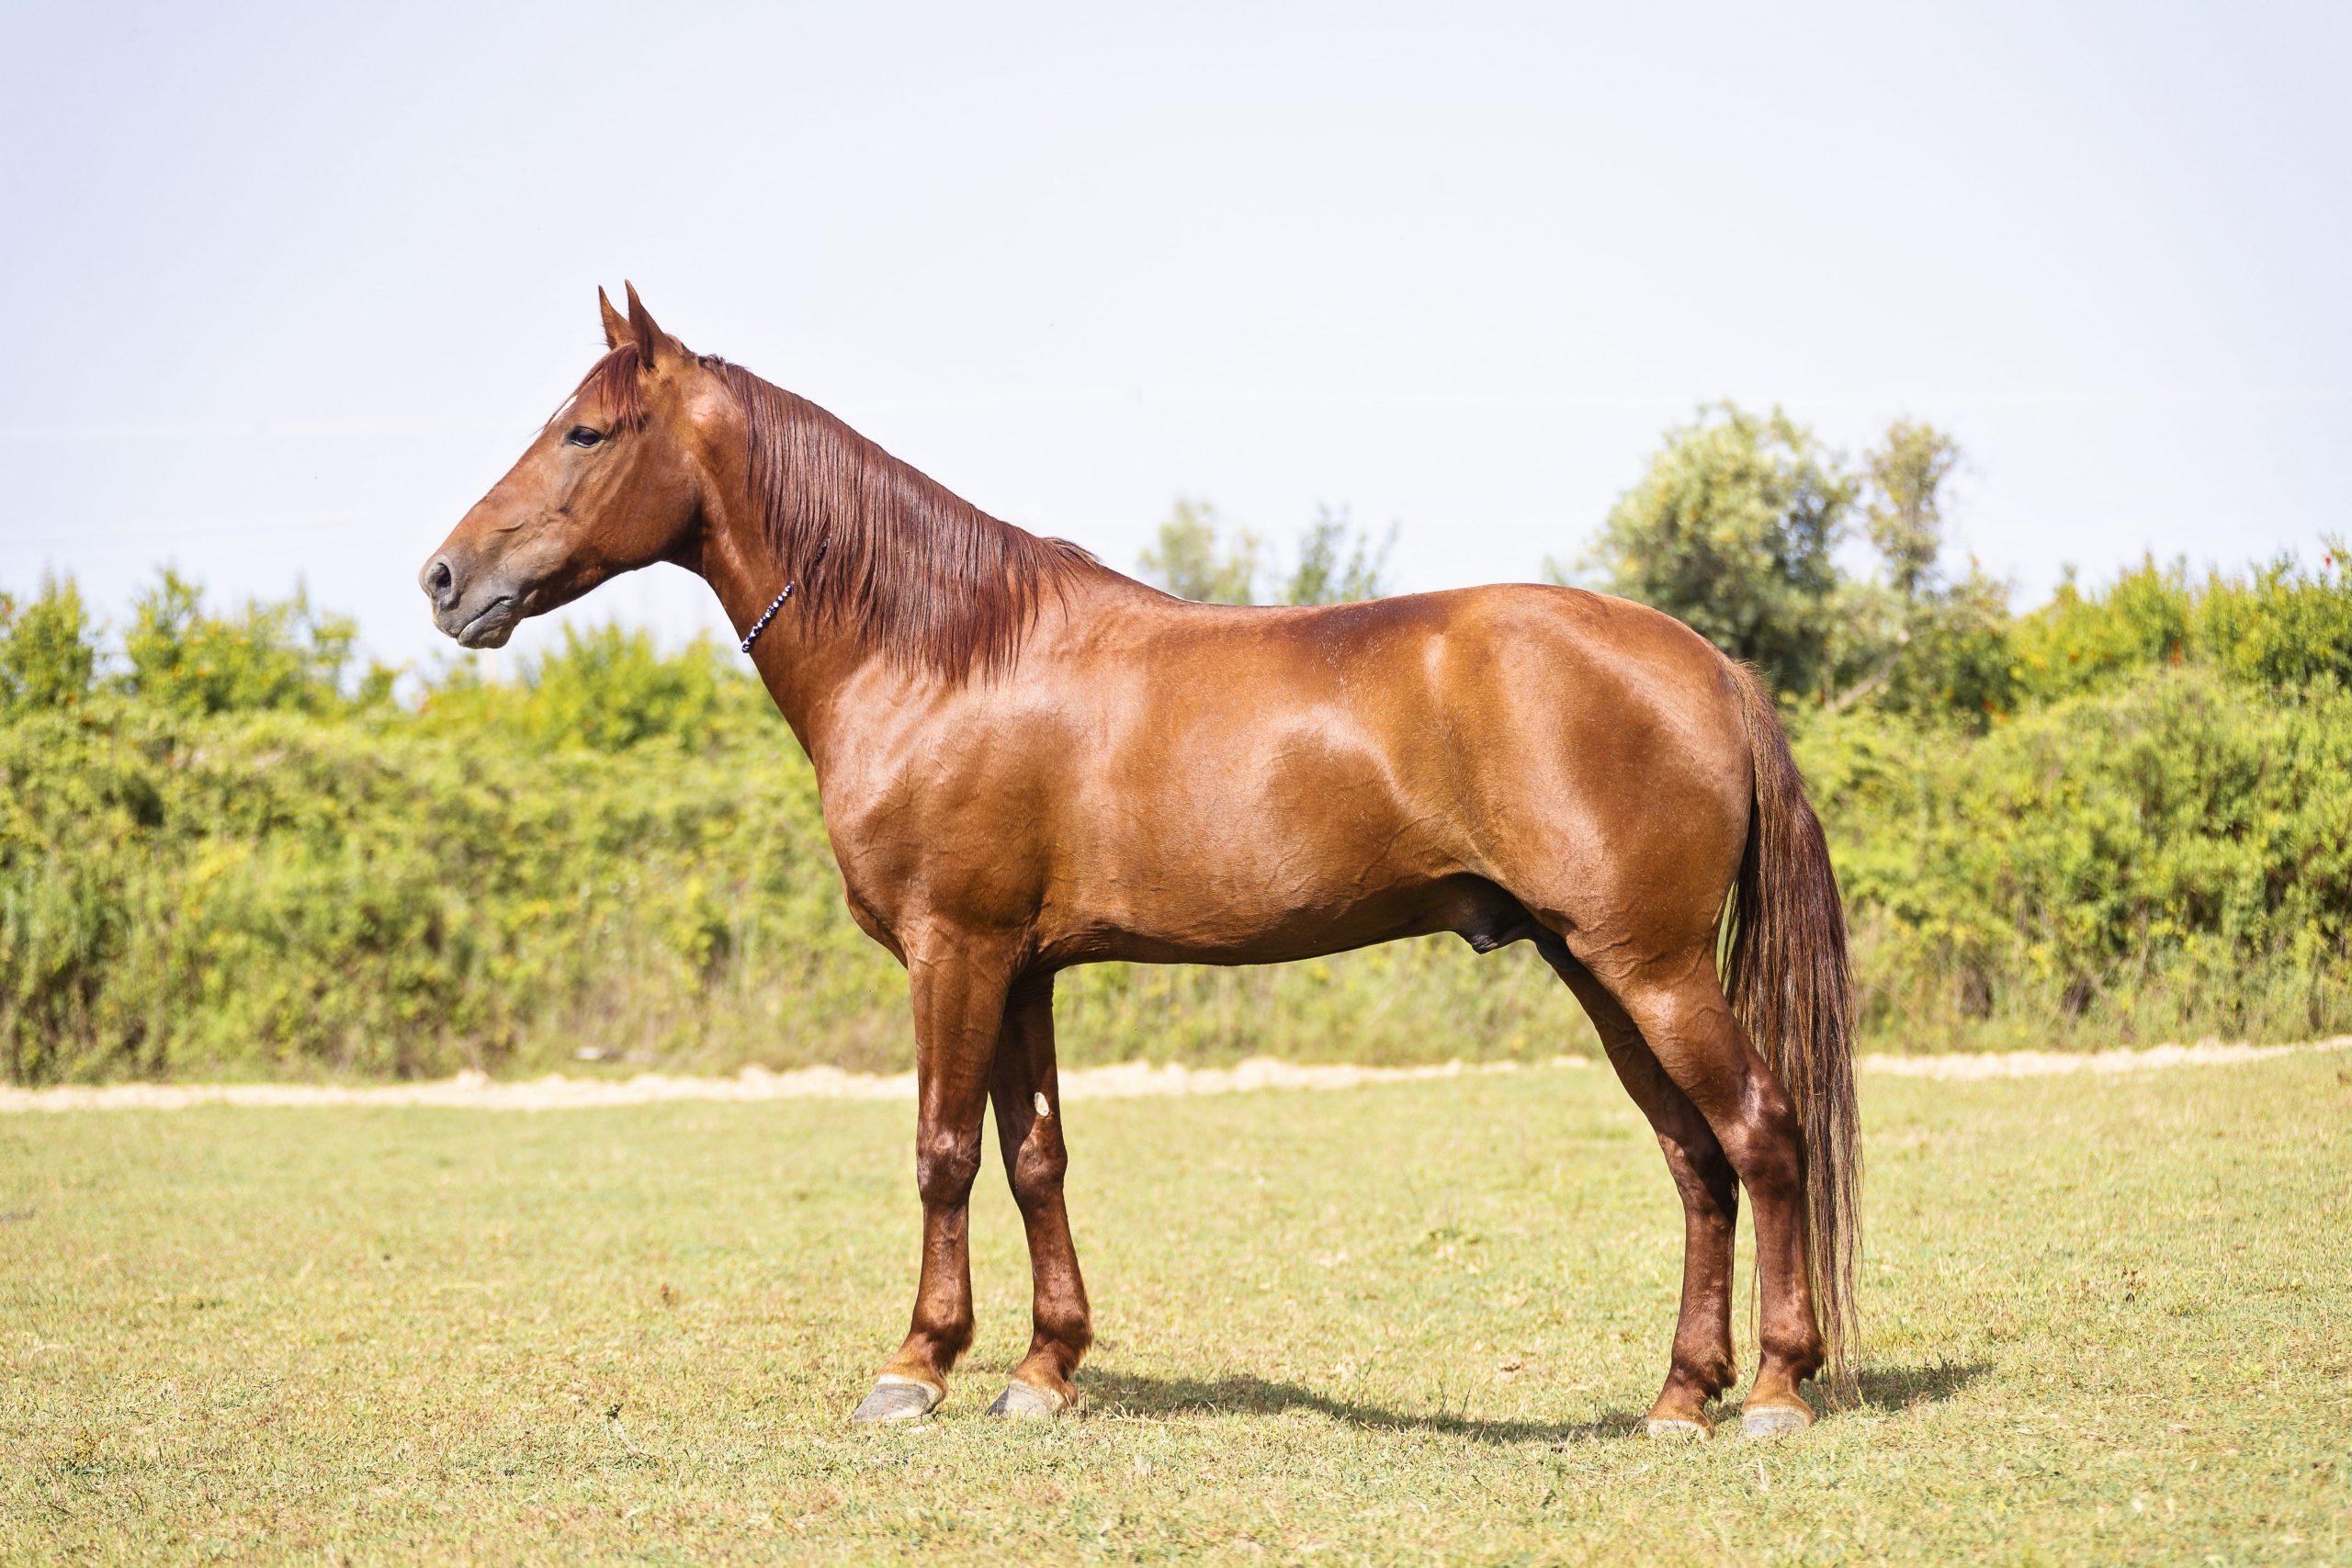 Standbild von einem Pferd mit der Fellfarbe Fuchs